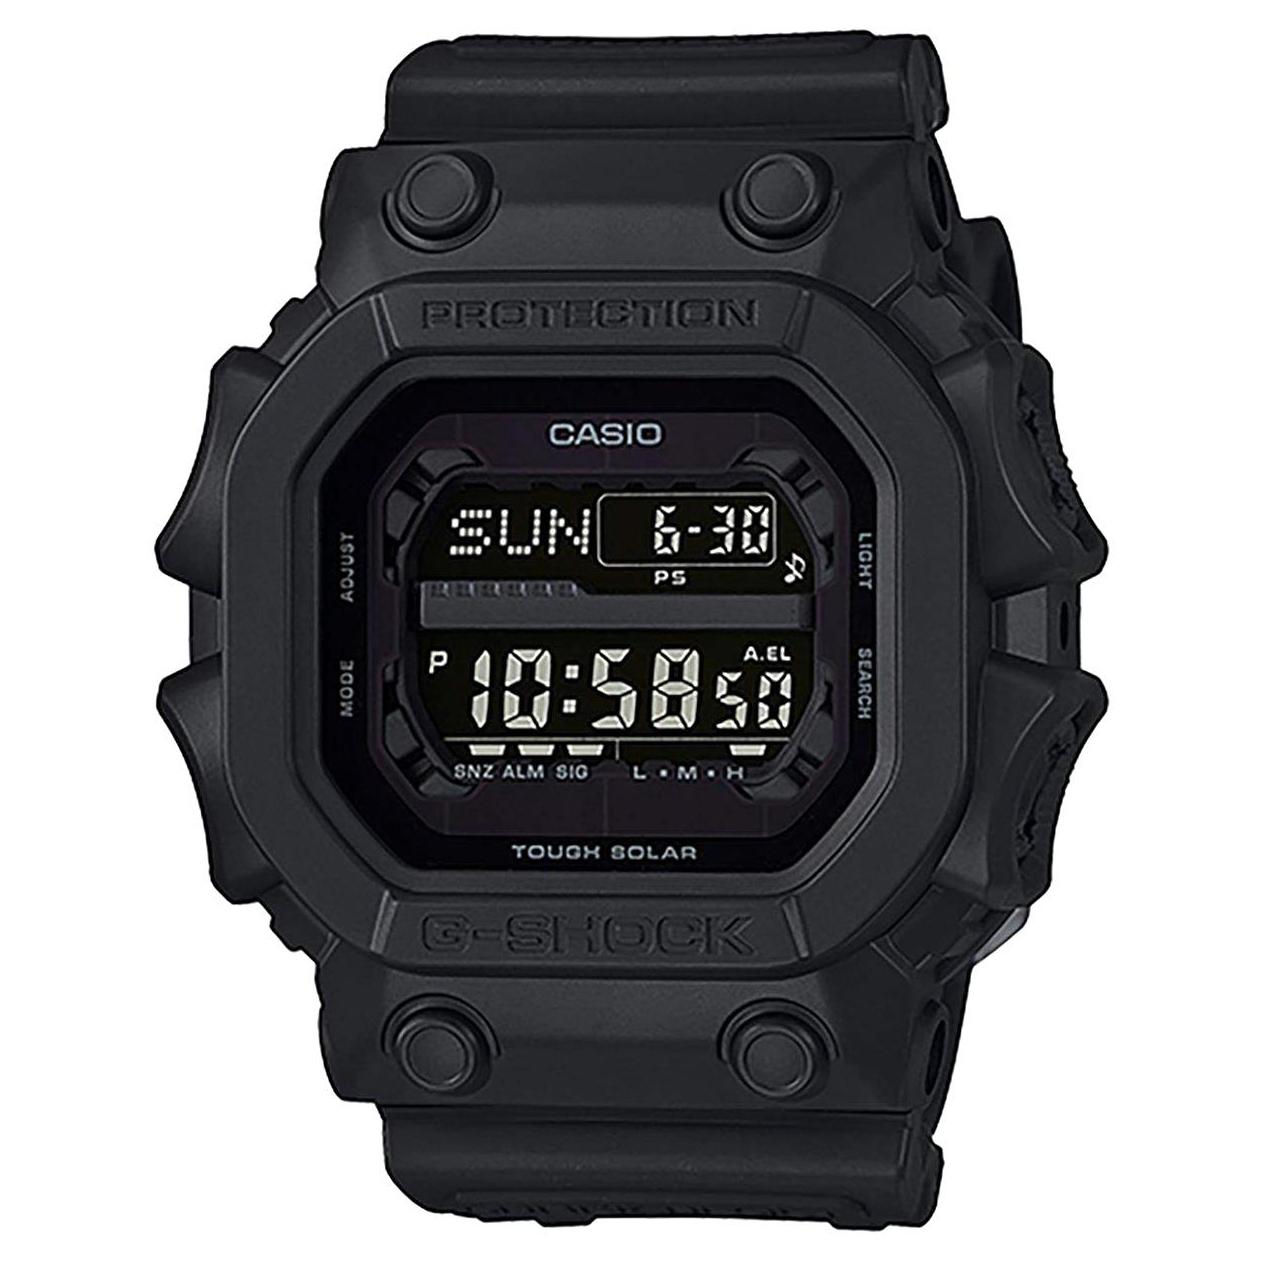 ساعت مچی دیجیتال مردانه کاسیو مدل جی شاک کد GX-56BB-1              👙